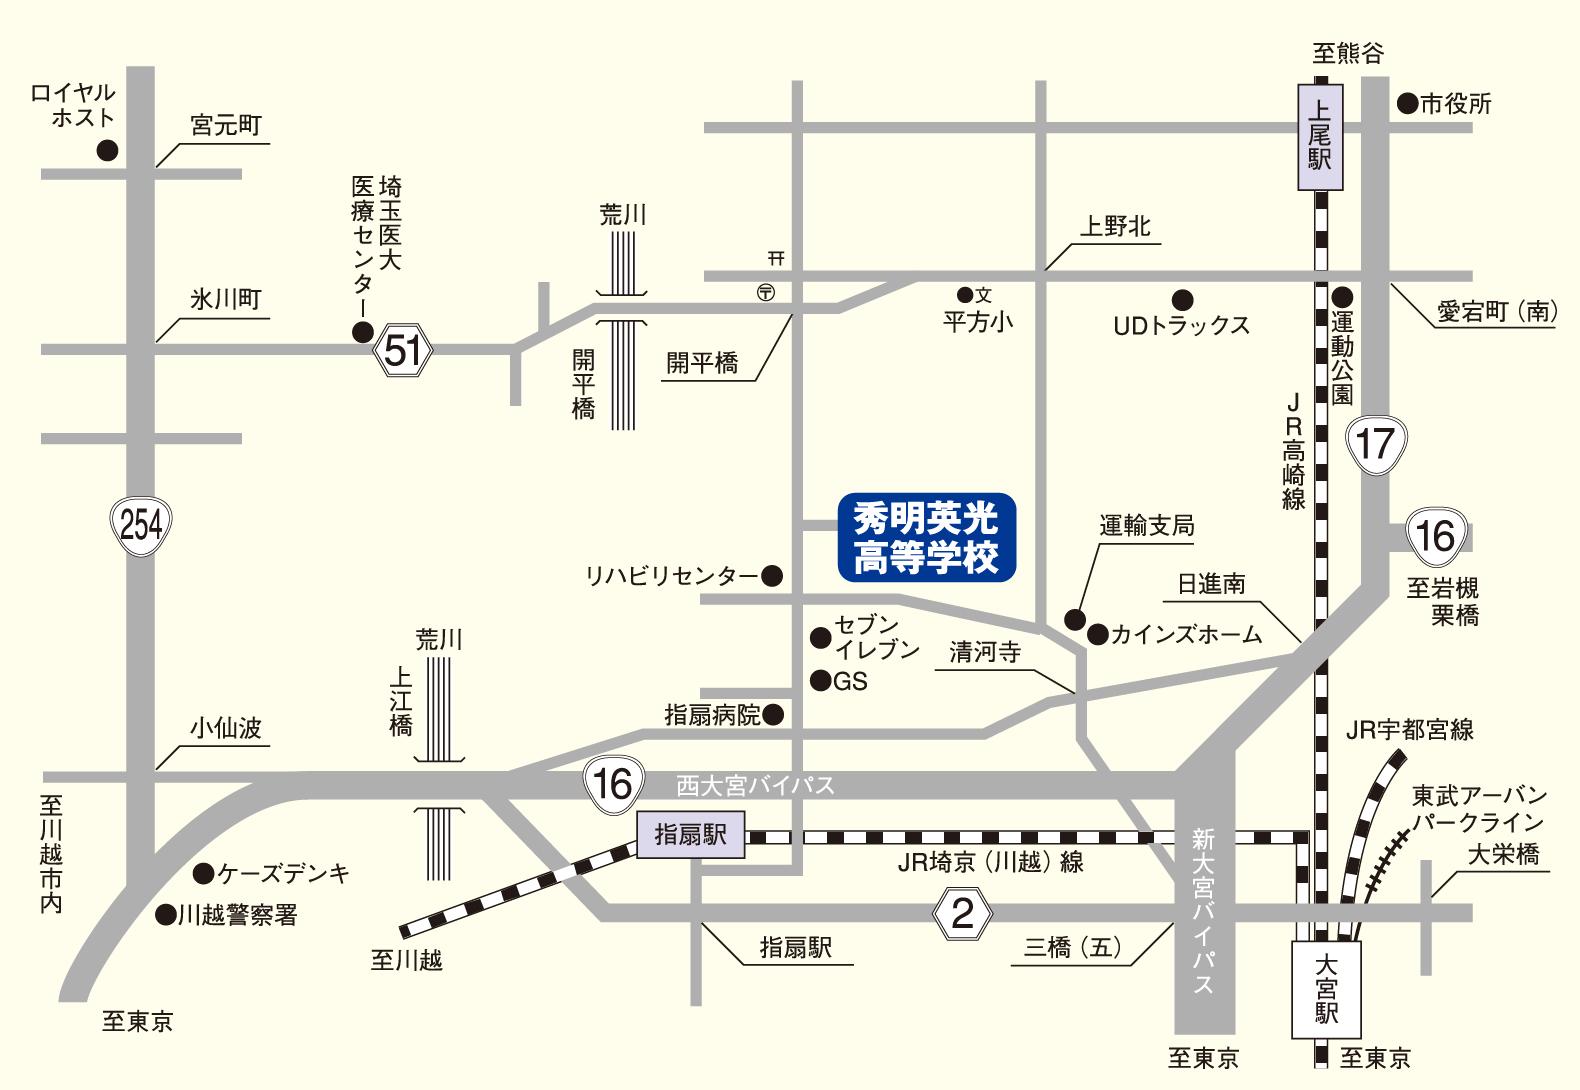 秀明英光高等学校の場所および周辺交通を表す概略図です。